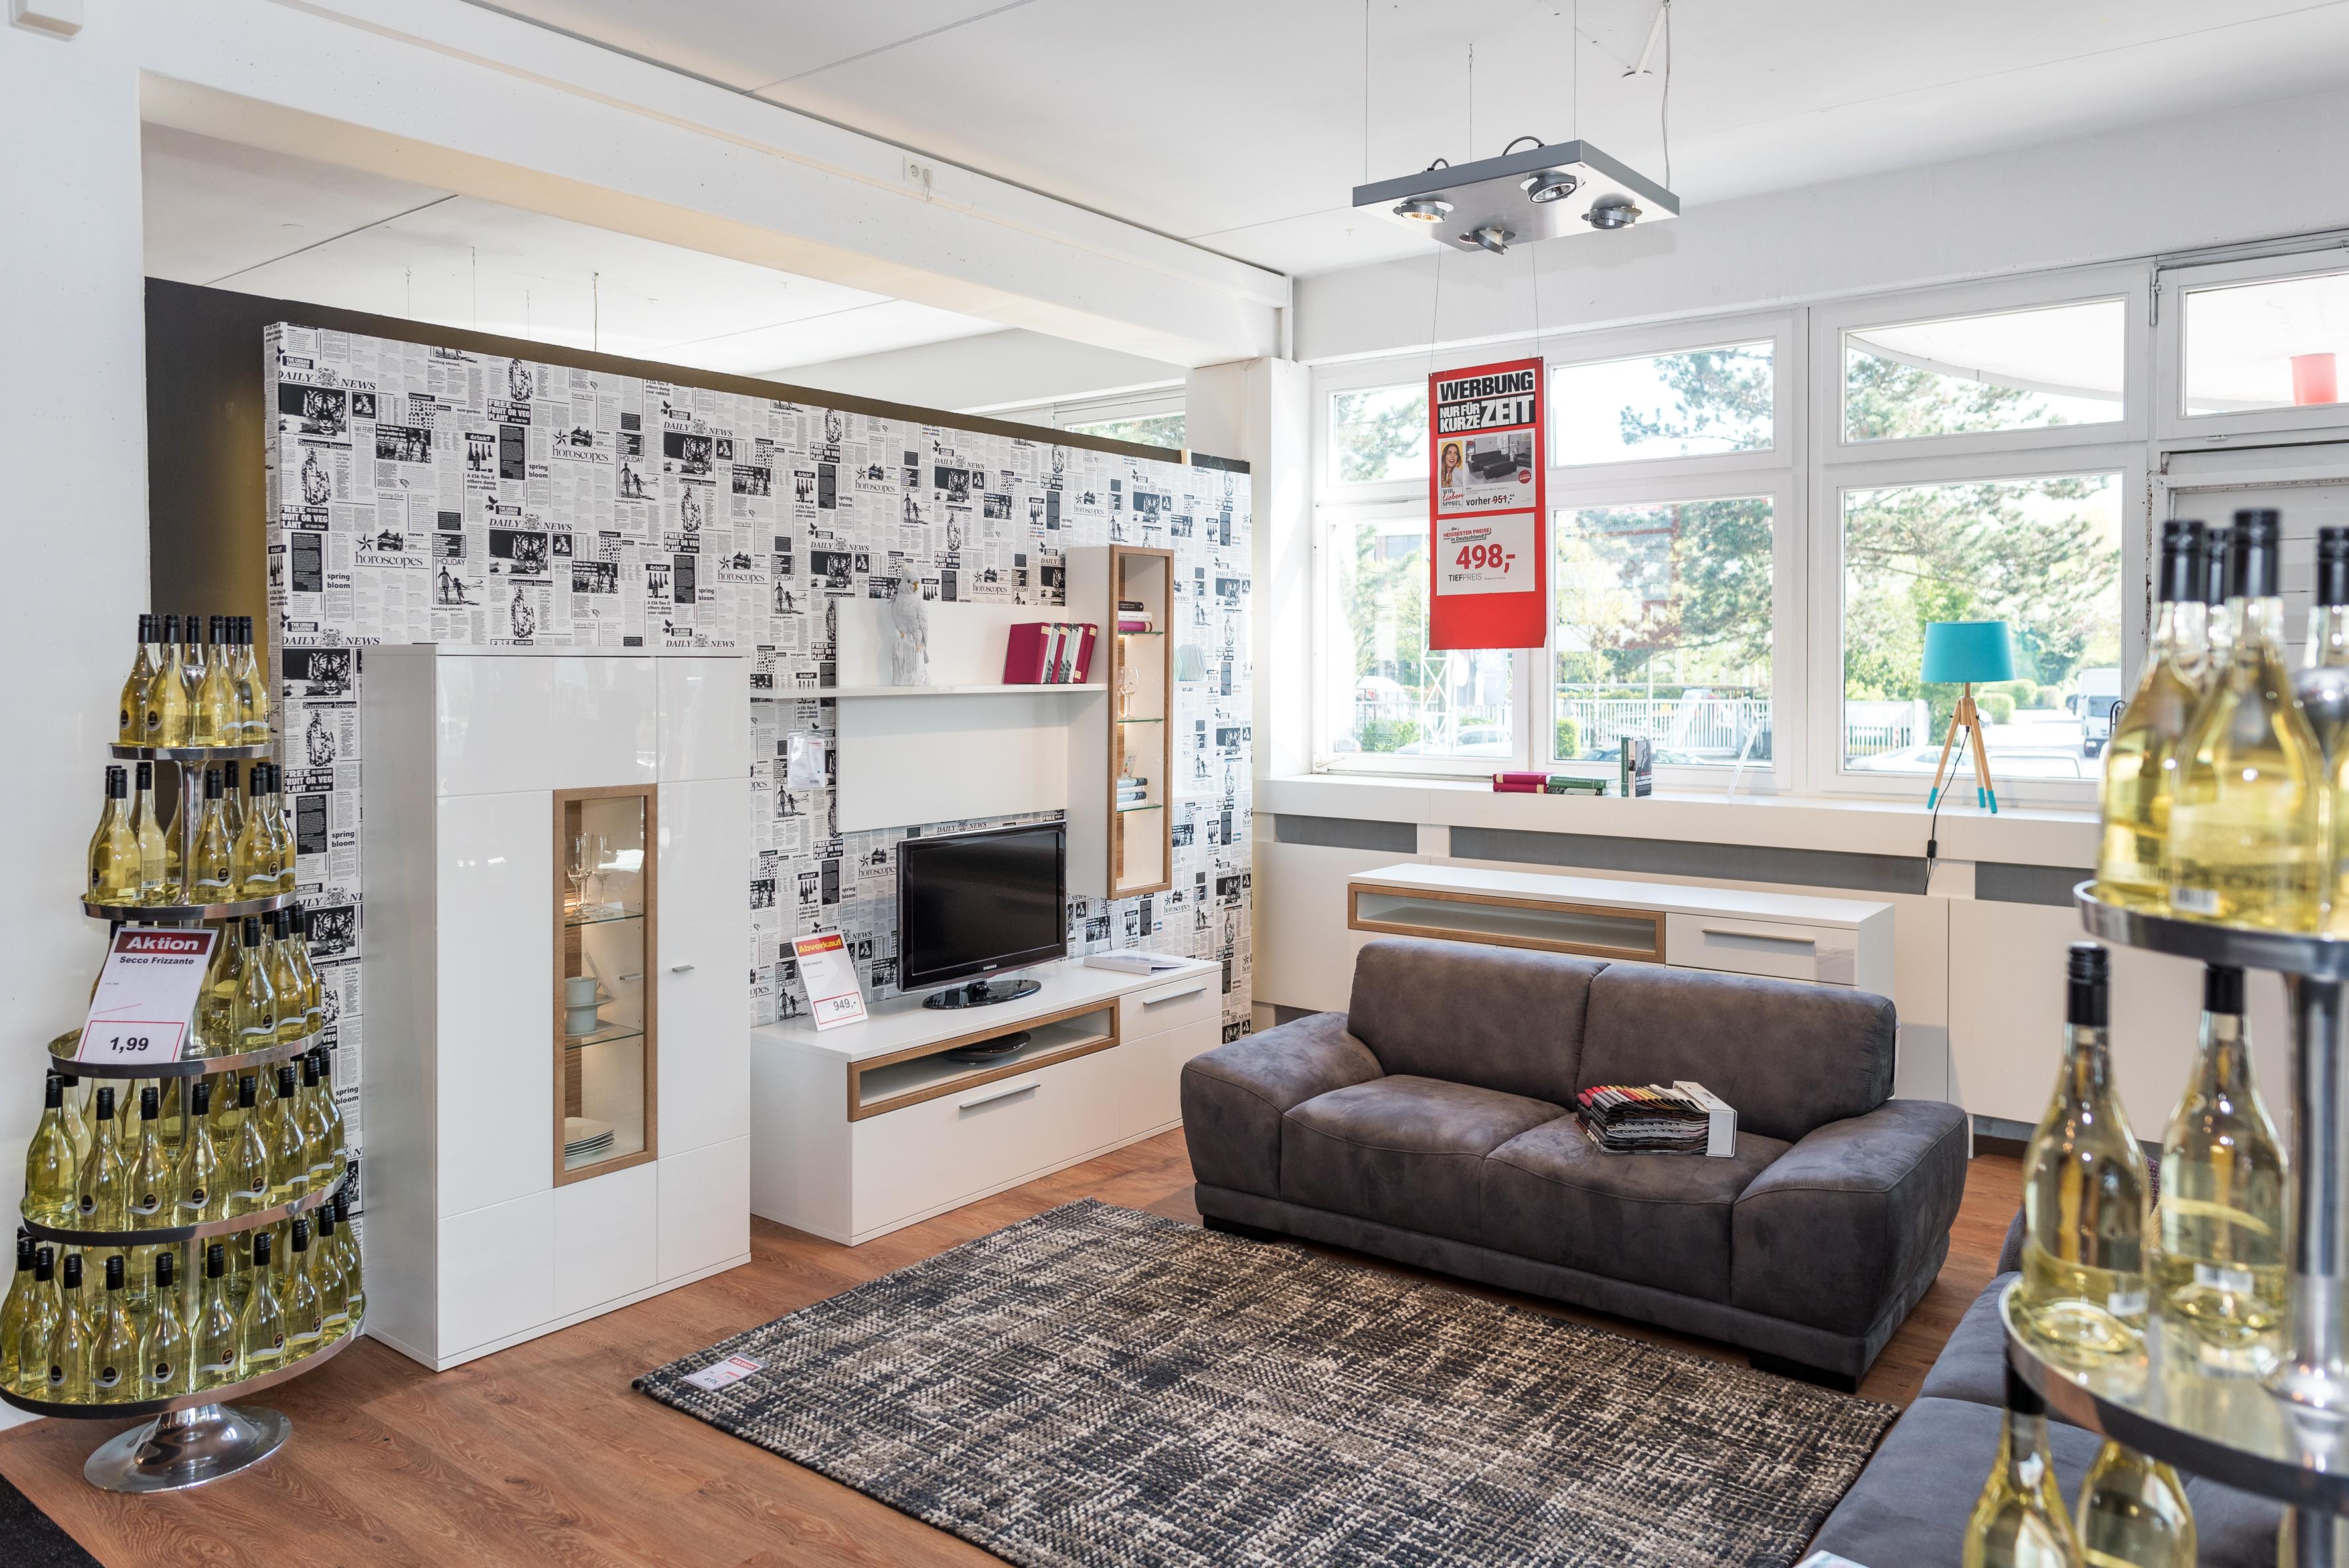 r umungsverkauf bei flamme k chen und m bel viele m bel bis zu 70 reduziert langenfeld. Black Bedroom Furniture Sets. Home Design Ideas